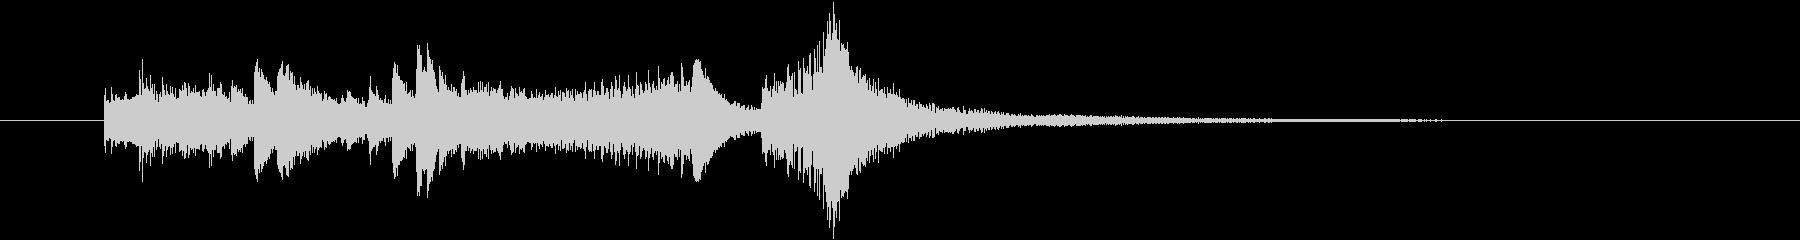 ファンタジー、メルヘンチックなジングルの未再生の波形